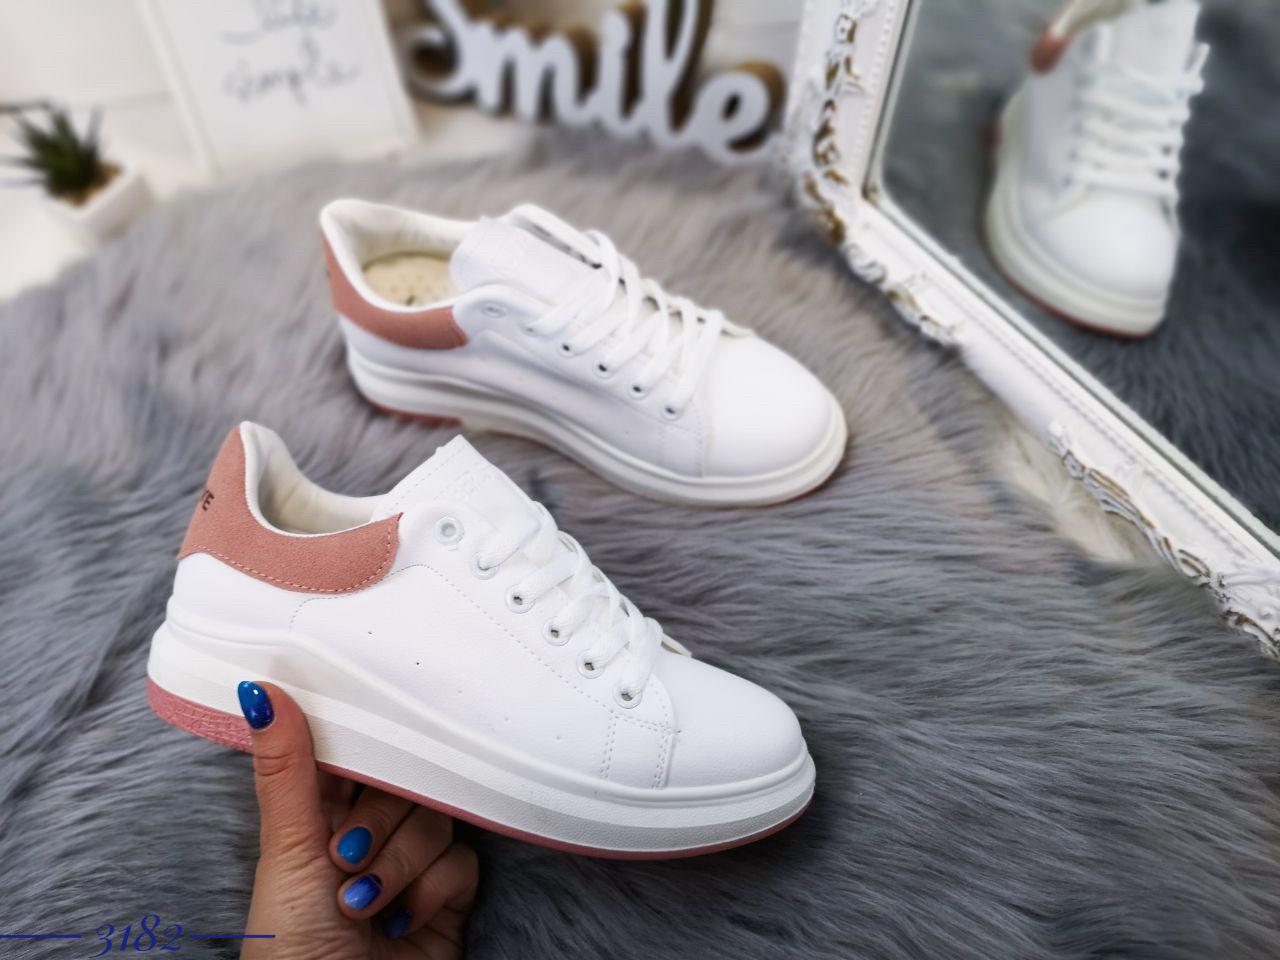 99be0ad0 Женские белые кроссовки весна лето 2019. Модные женские кроссовки эко кожа